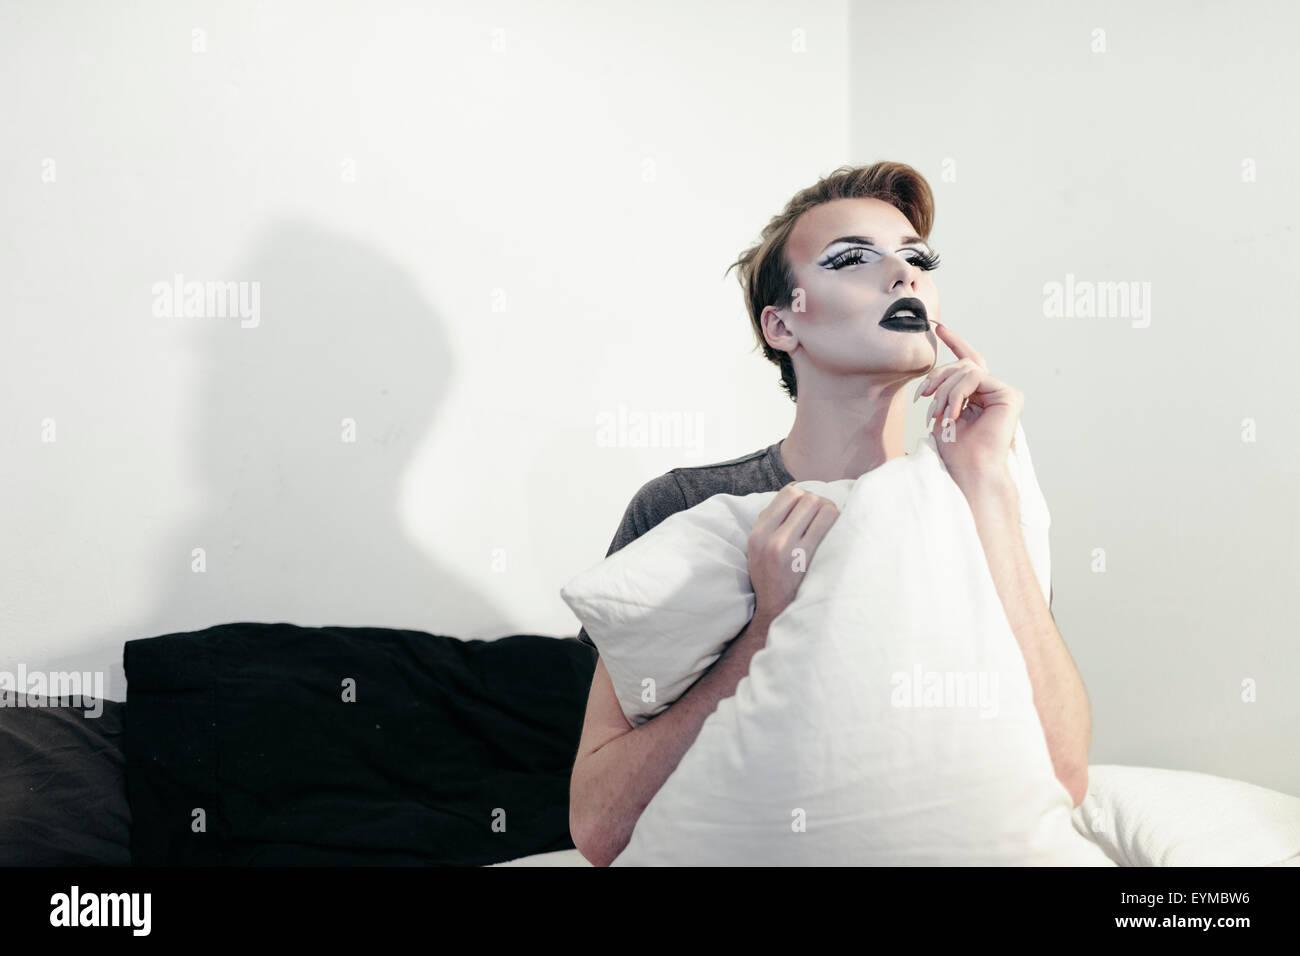 Maschio di drag queen in posa per pin-up stile ritratto glamour a casa. Foto Stock